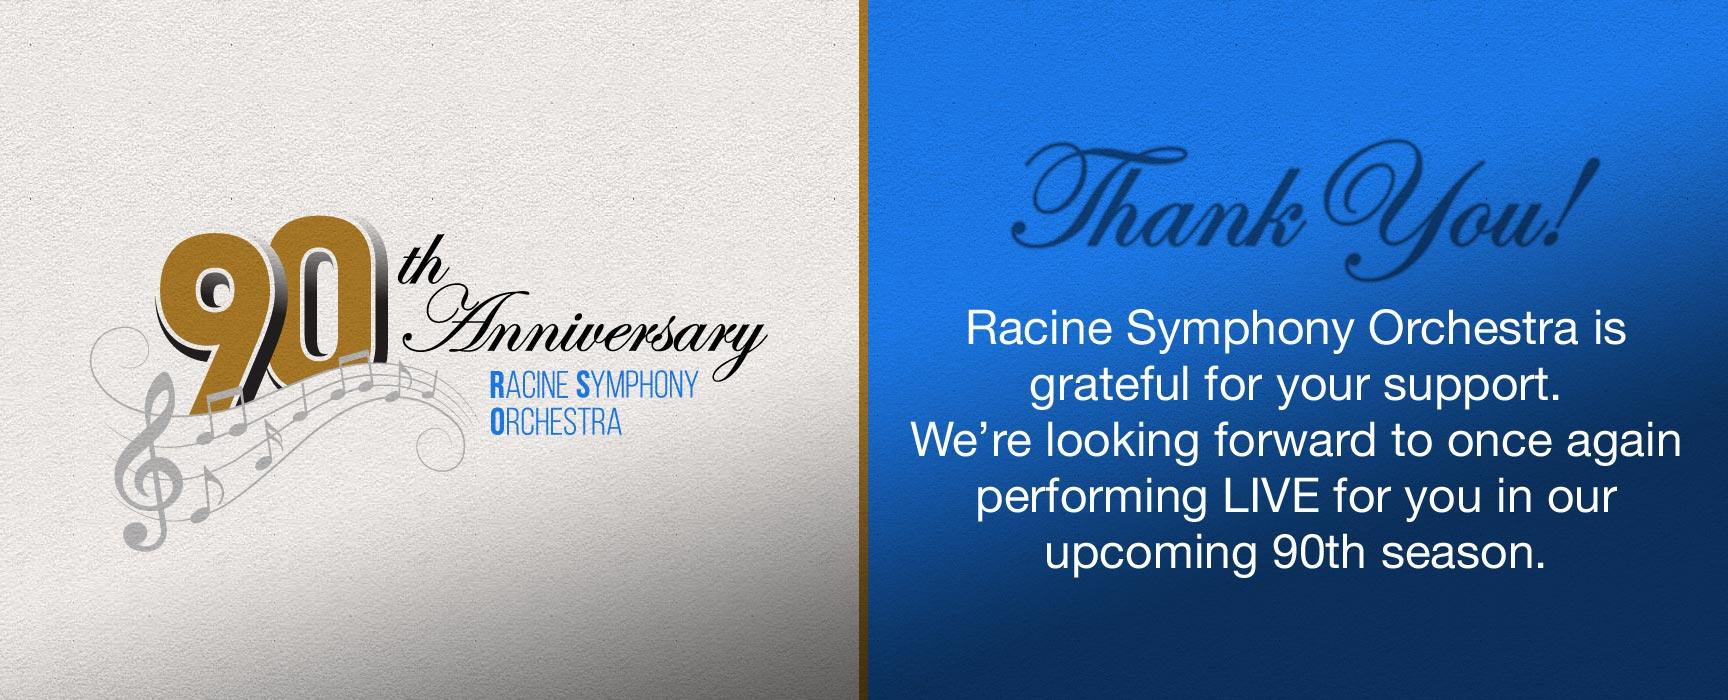 RSO 90th Anniversary